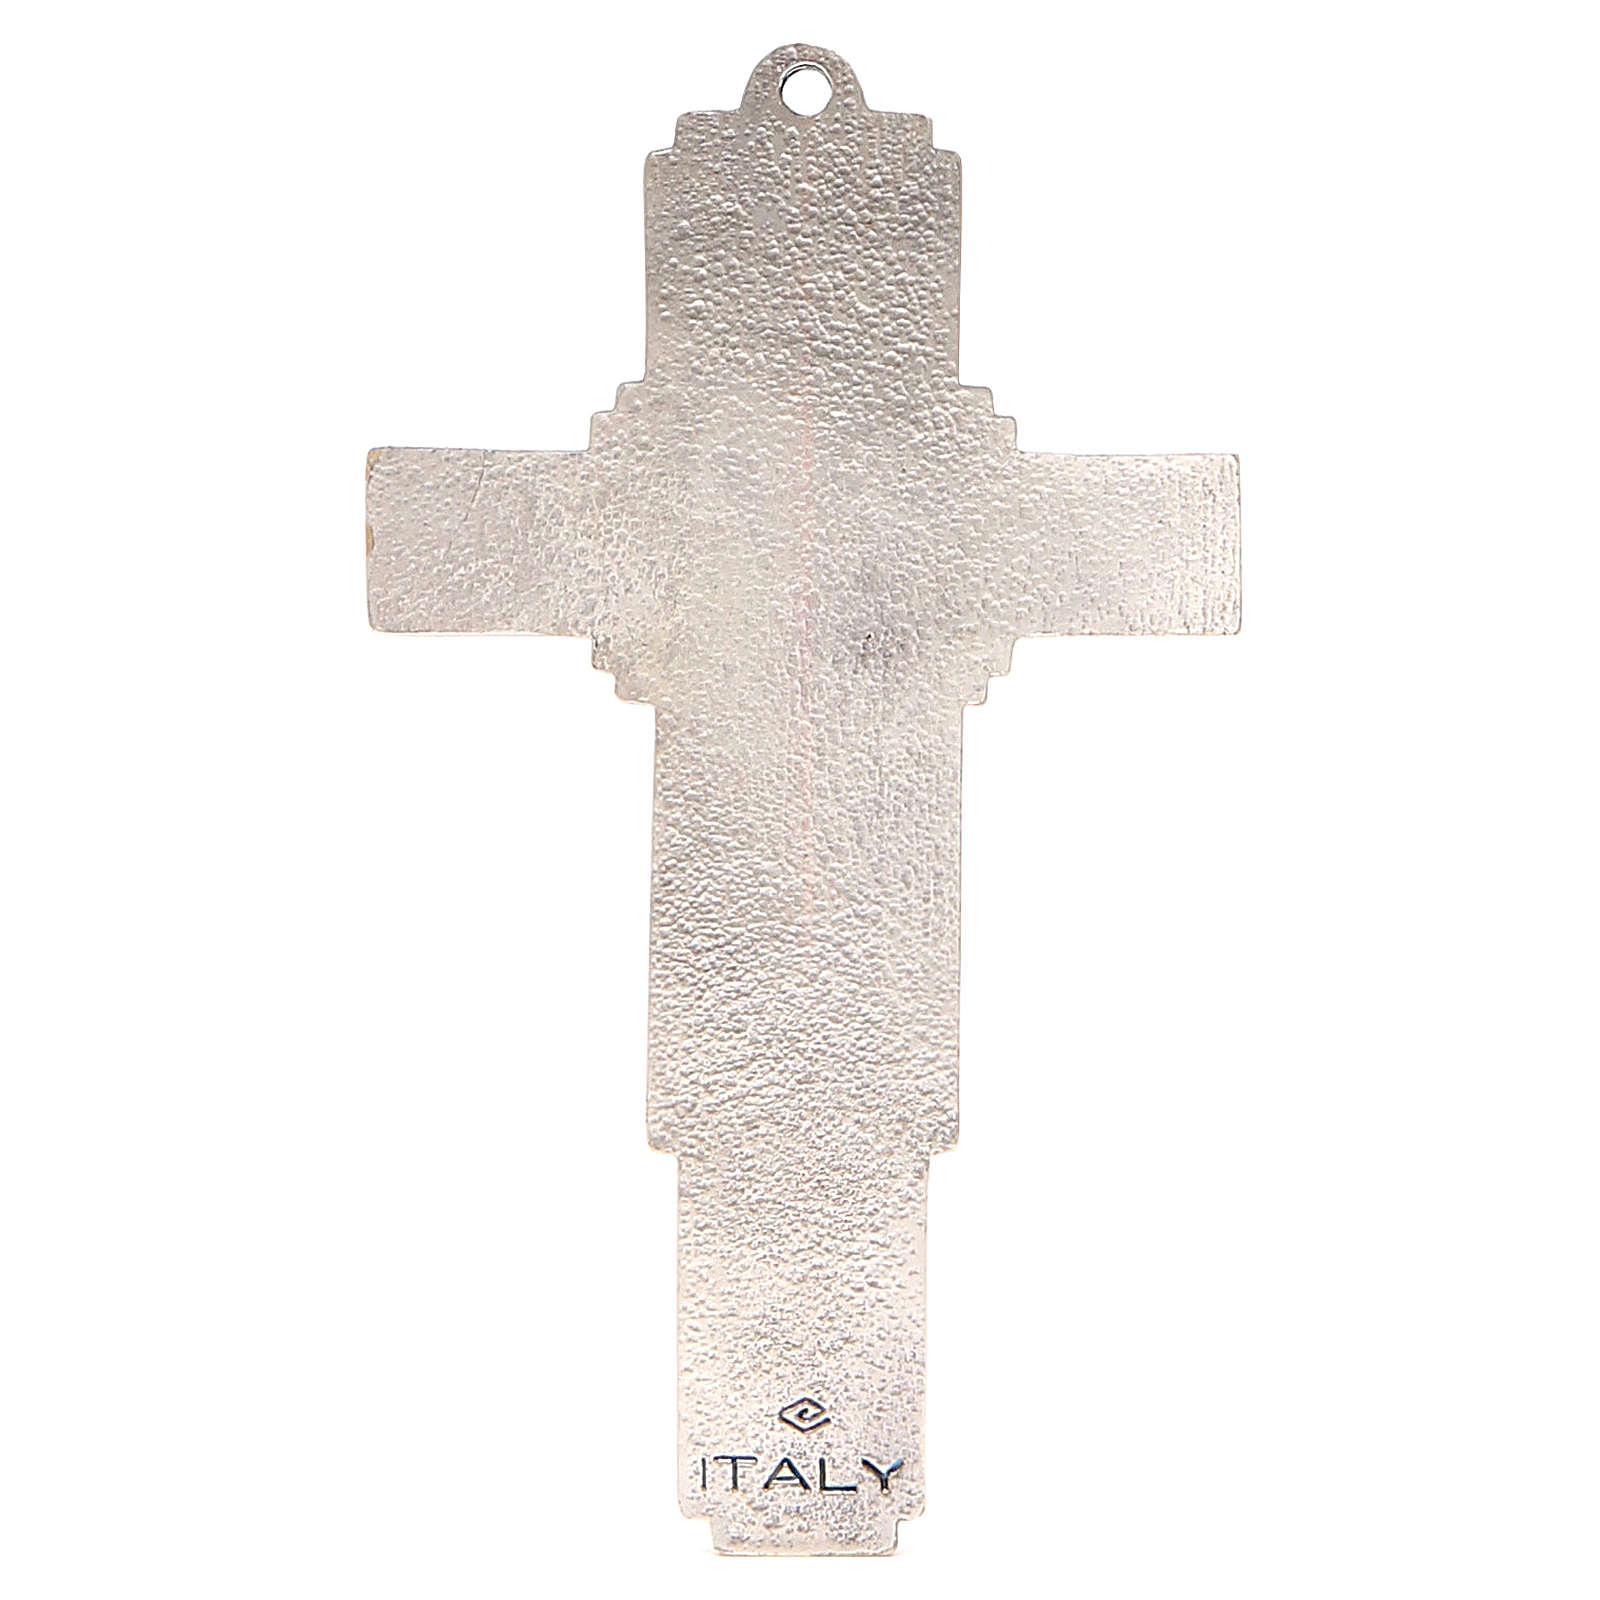 STOCK Croce Albero della Vita metallo cm 14 smalto blu 4